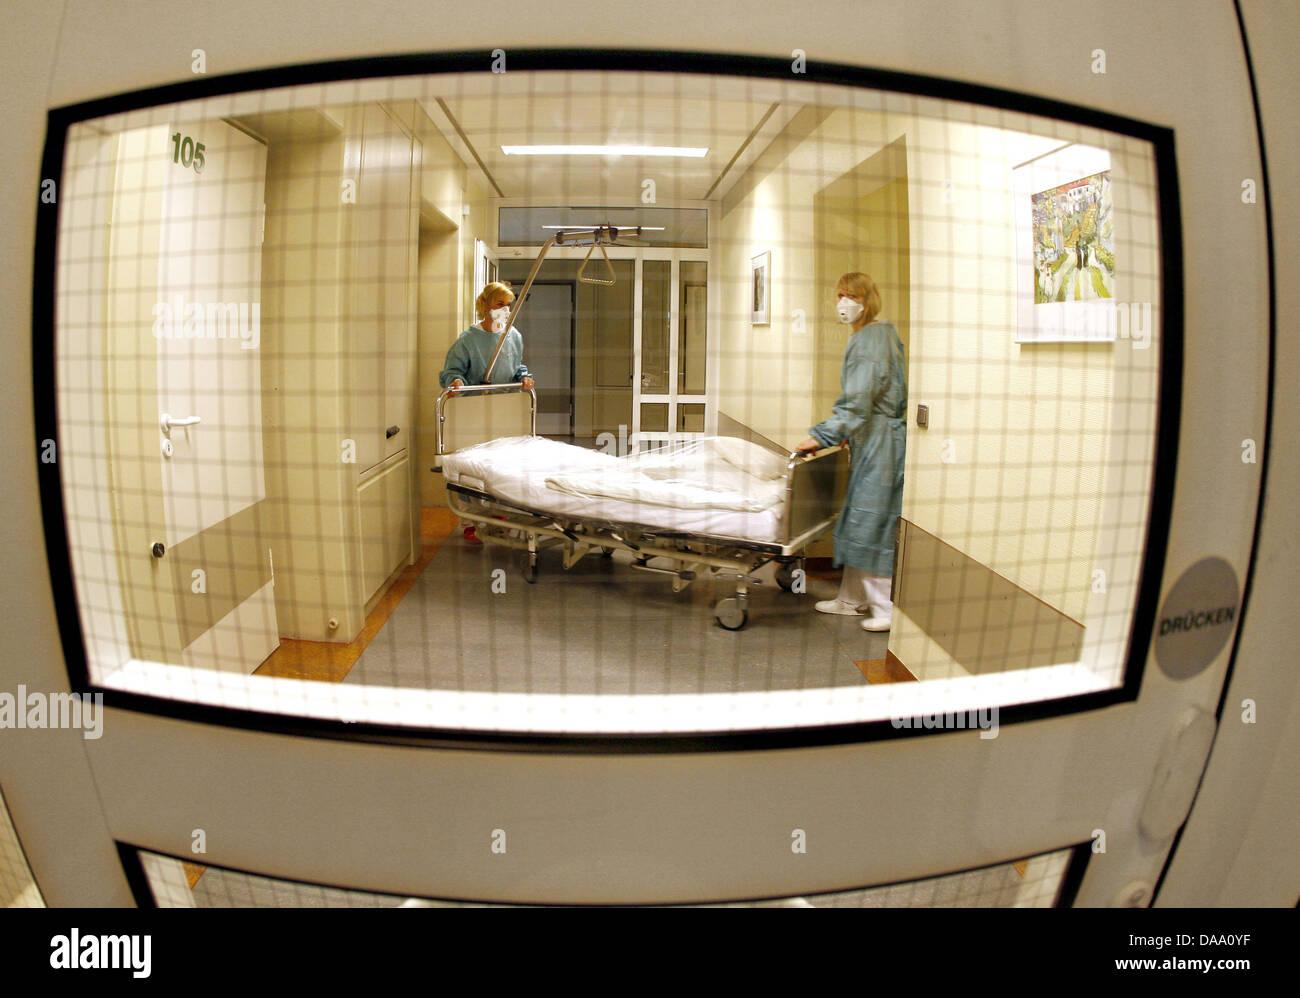 Temple University Hospital File Room